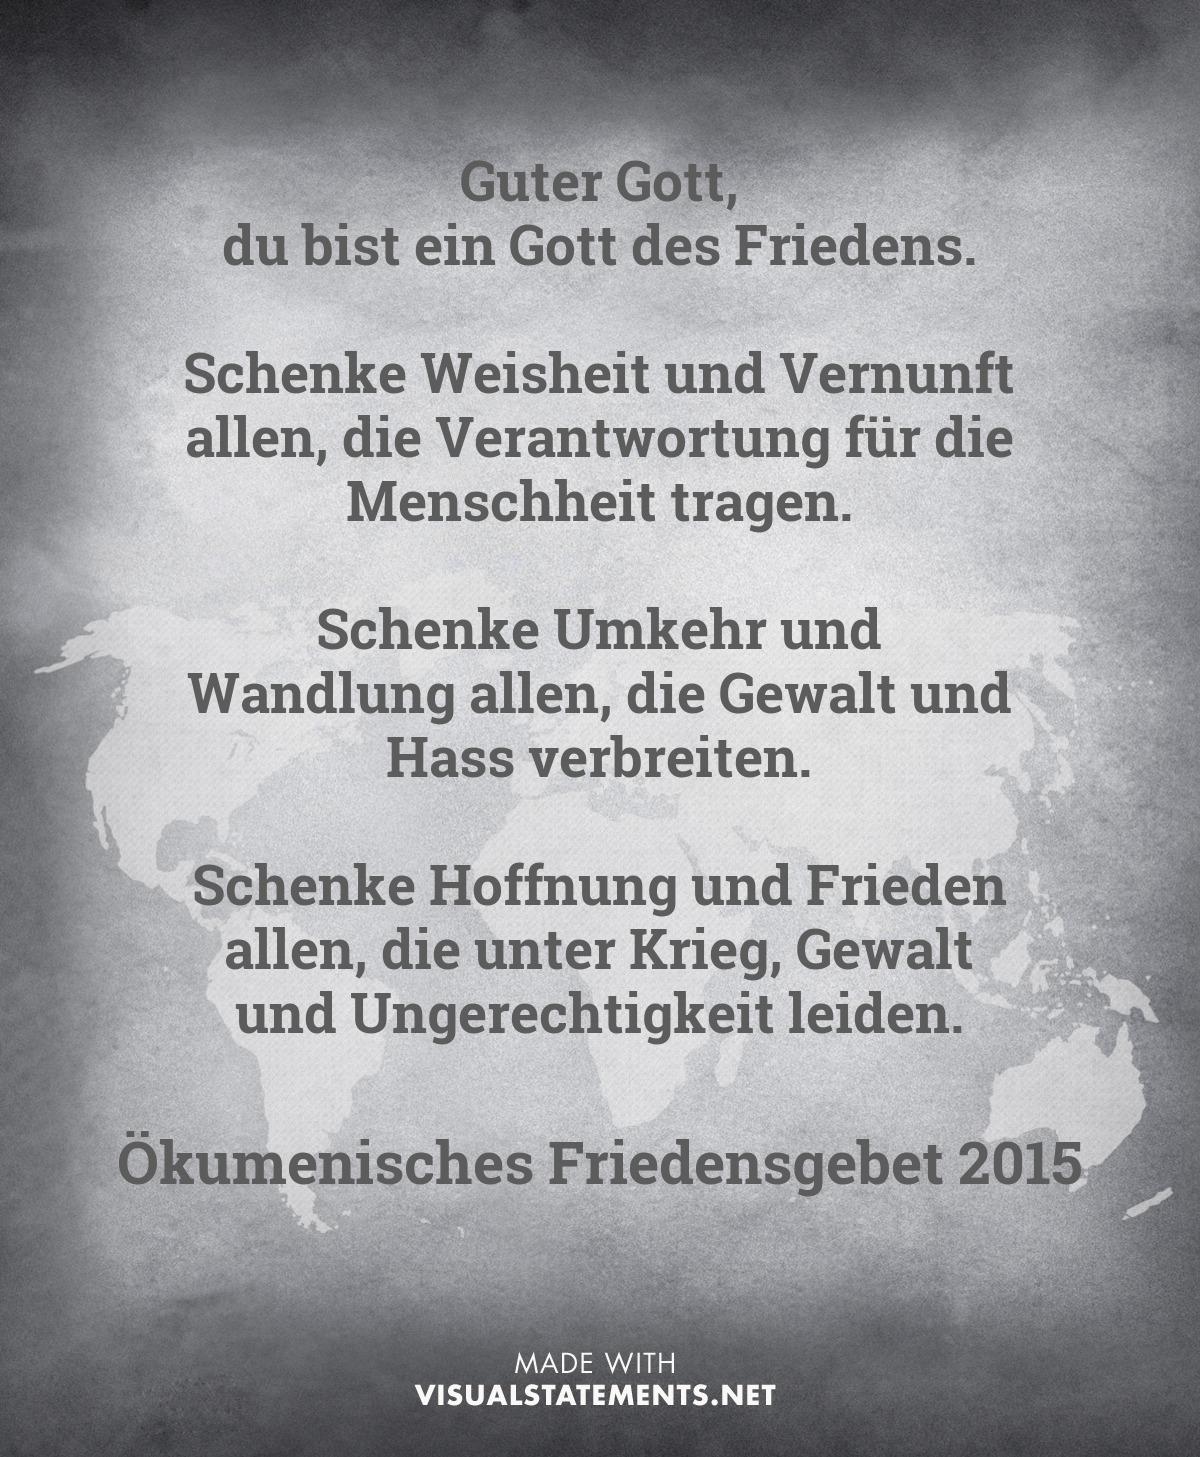 Frieden - ÖFG 2015